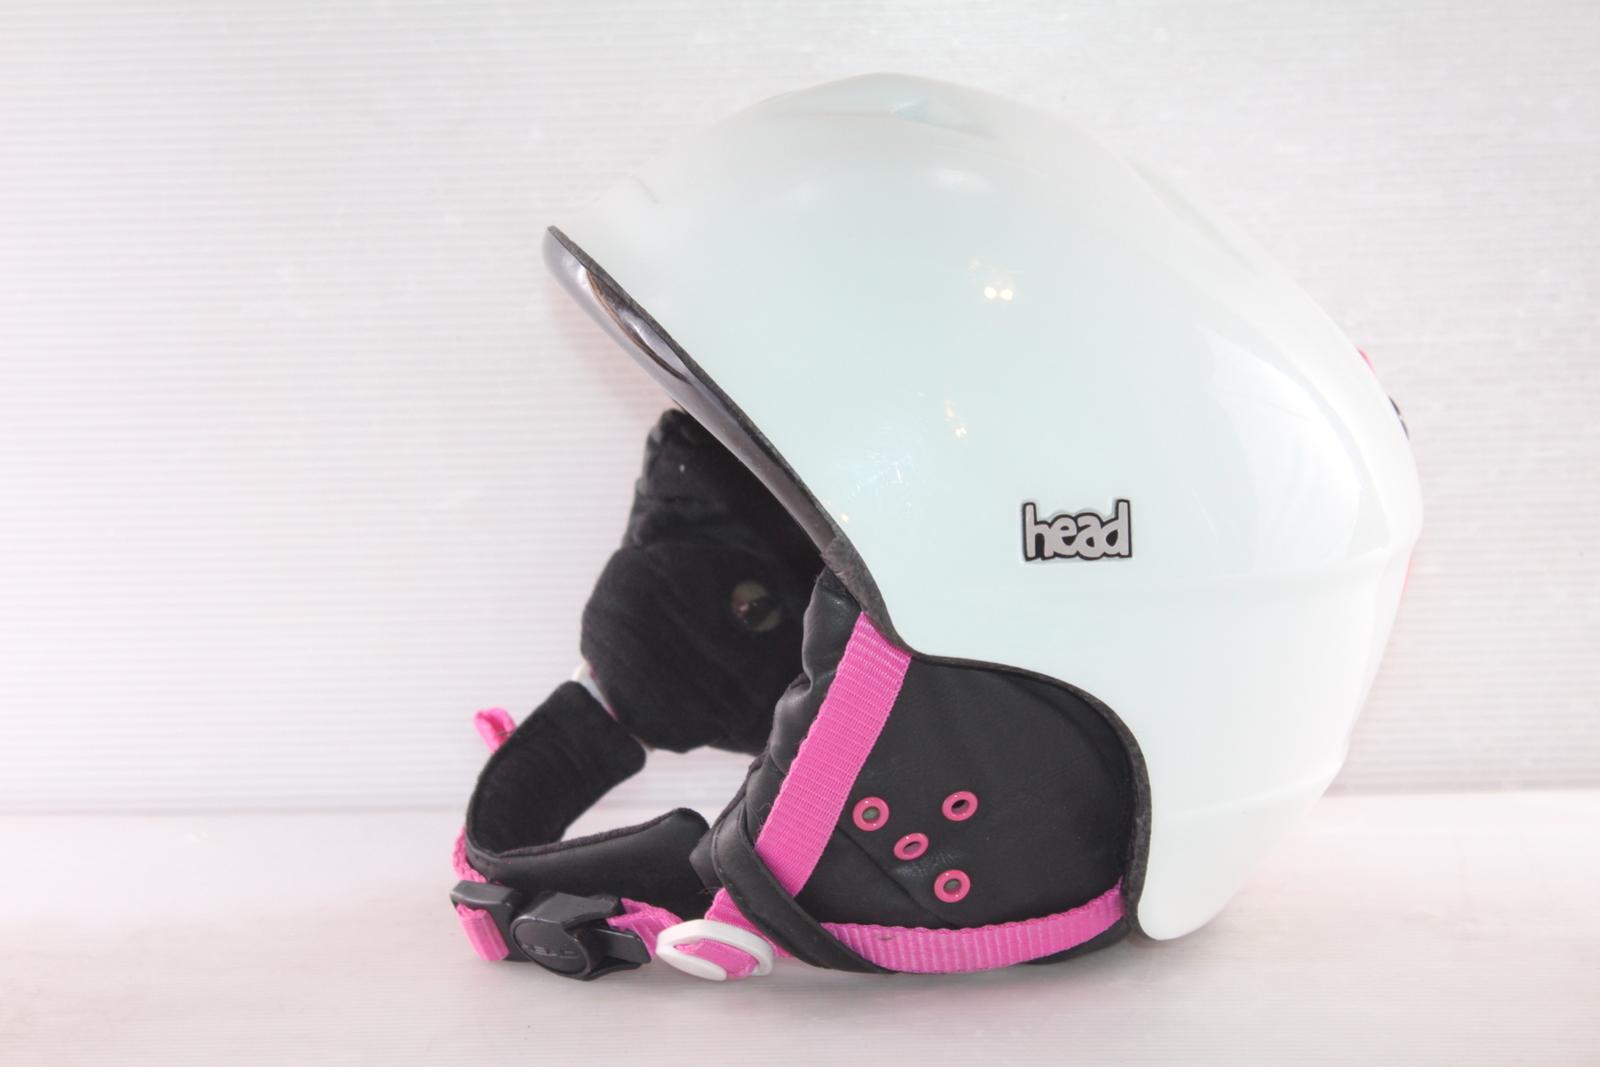 Dámská lyžařská helma Head Cloe - posuvná vel. 52 - 55